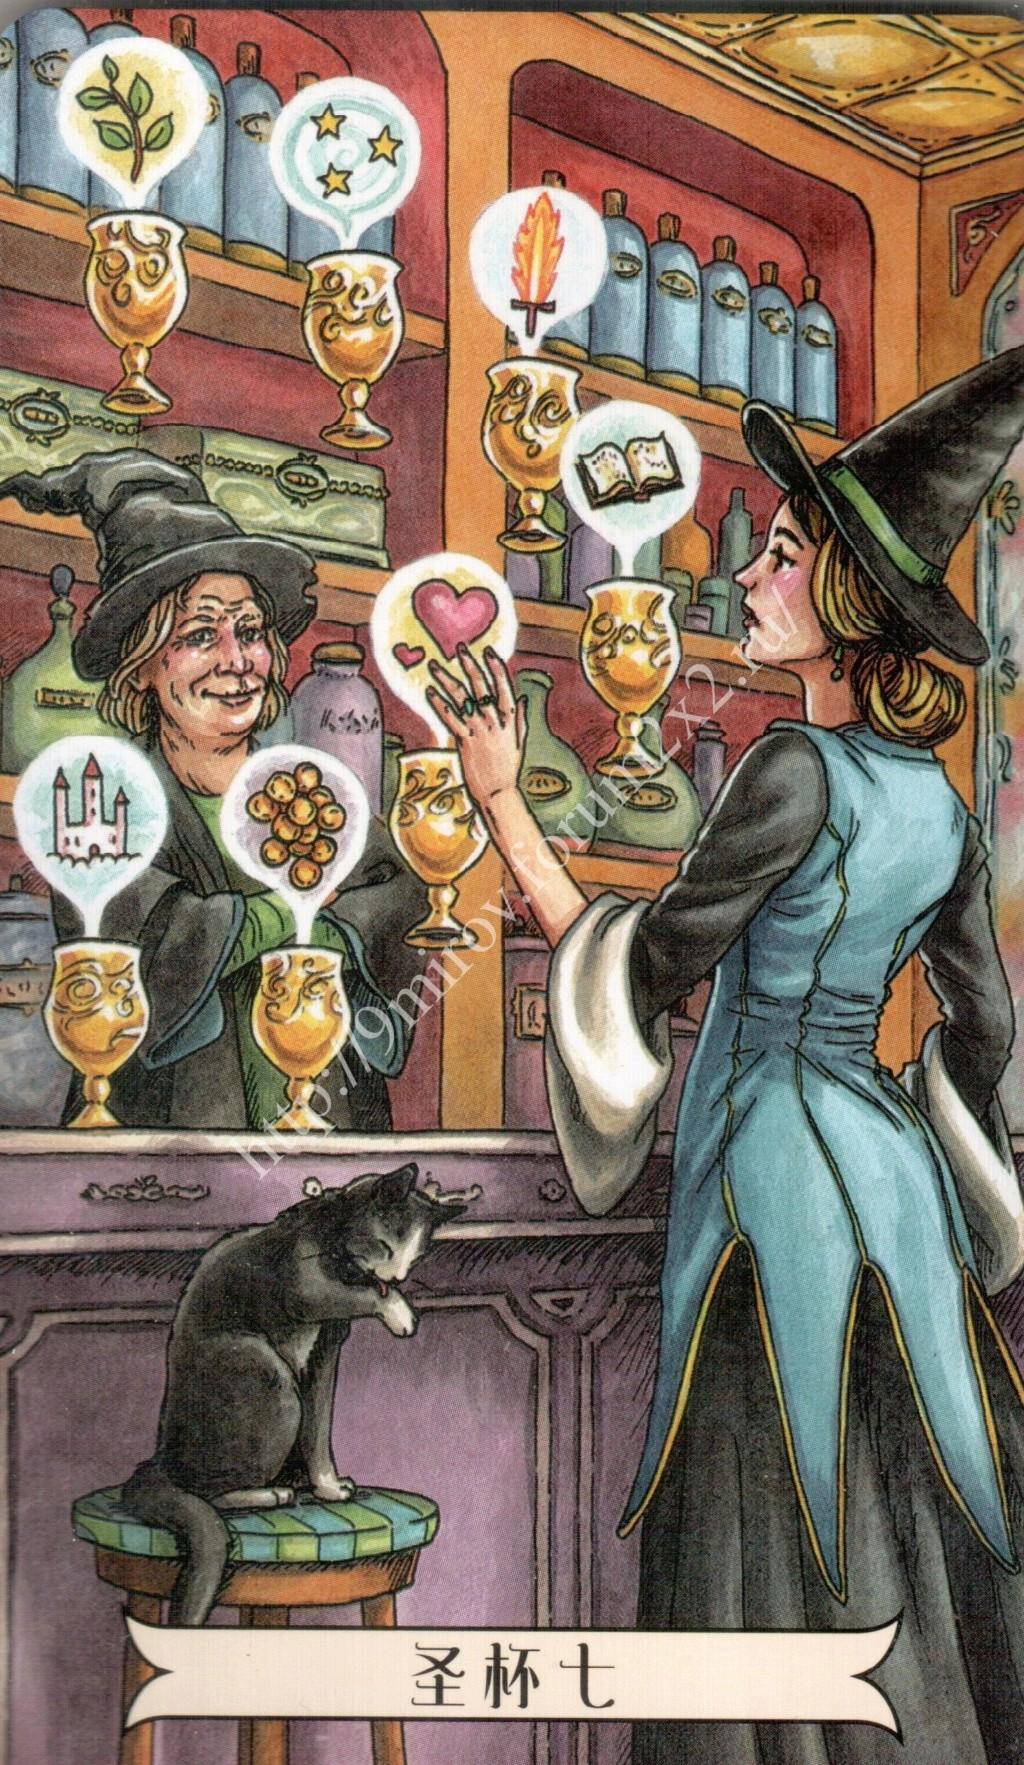 """""""Ведьма каждый день"""" (Ведьма день за днем, Everyday Witch Tarot). Китайская версия. Галерея.   Waterm41"""